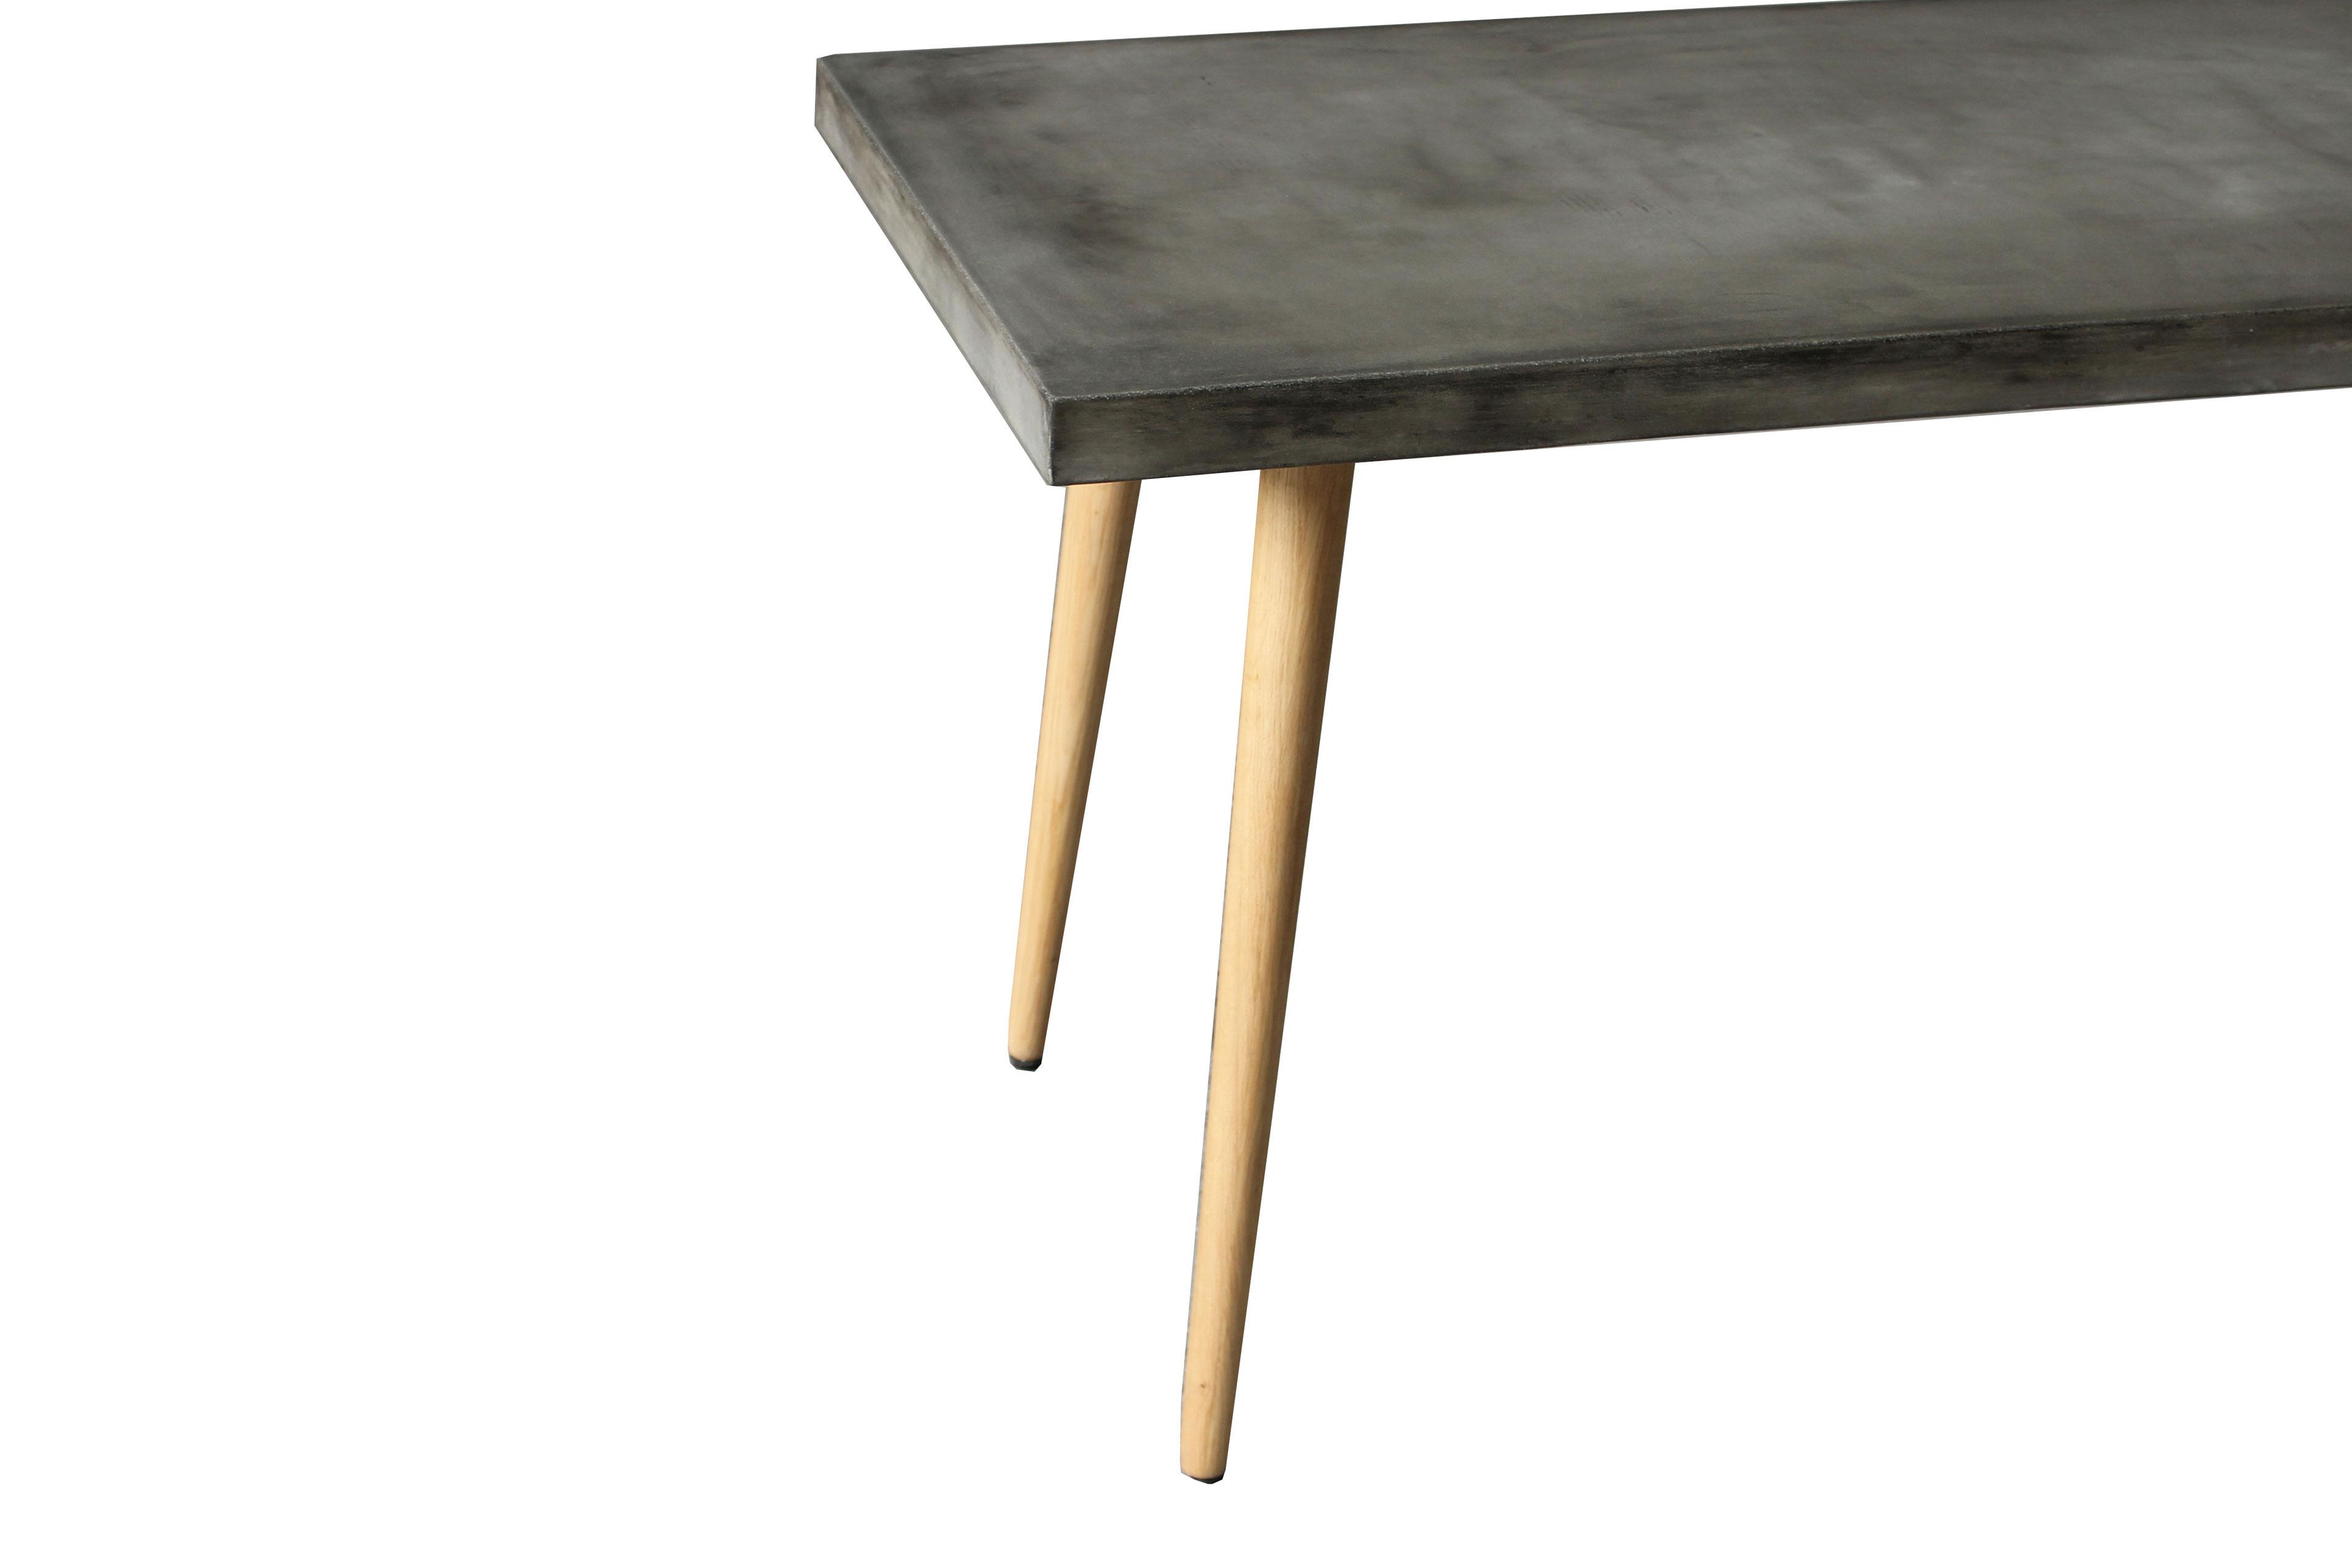 esstisch cement mit eichenholzbeinen von sit möbel  möbel  ~ Esstisch Zement